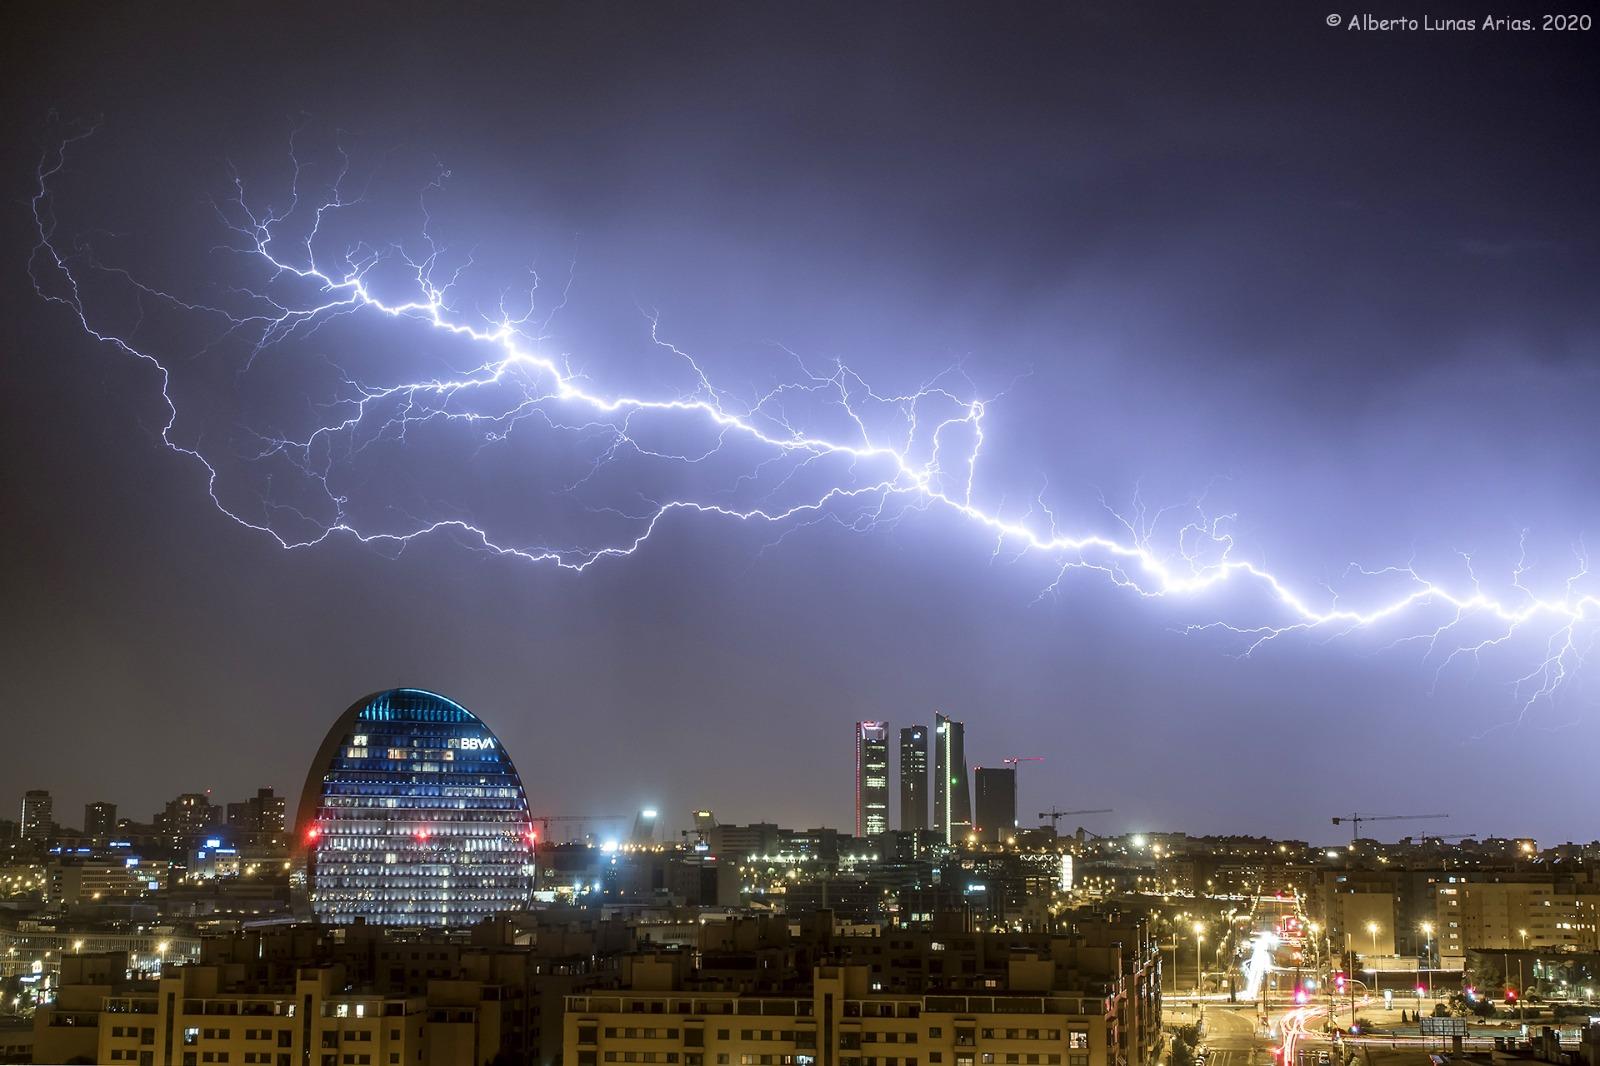 Tormentas apocalípticas en Estepa, Ciudad Real, Córdoba o Albacete ¿por qué fueron tan extremas?